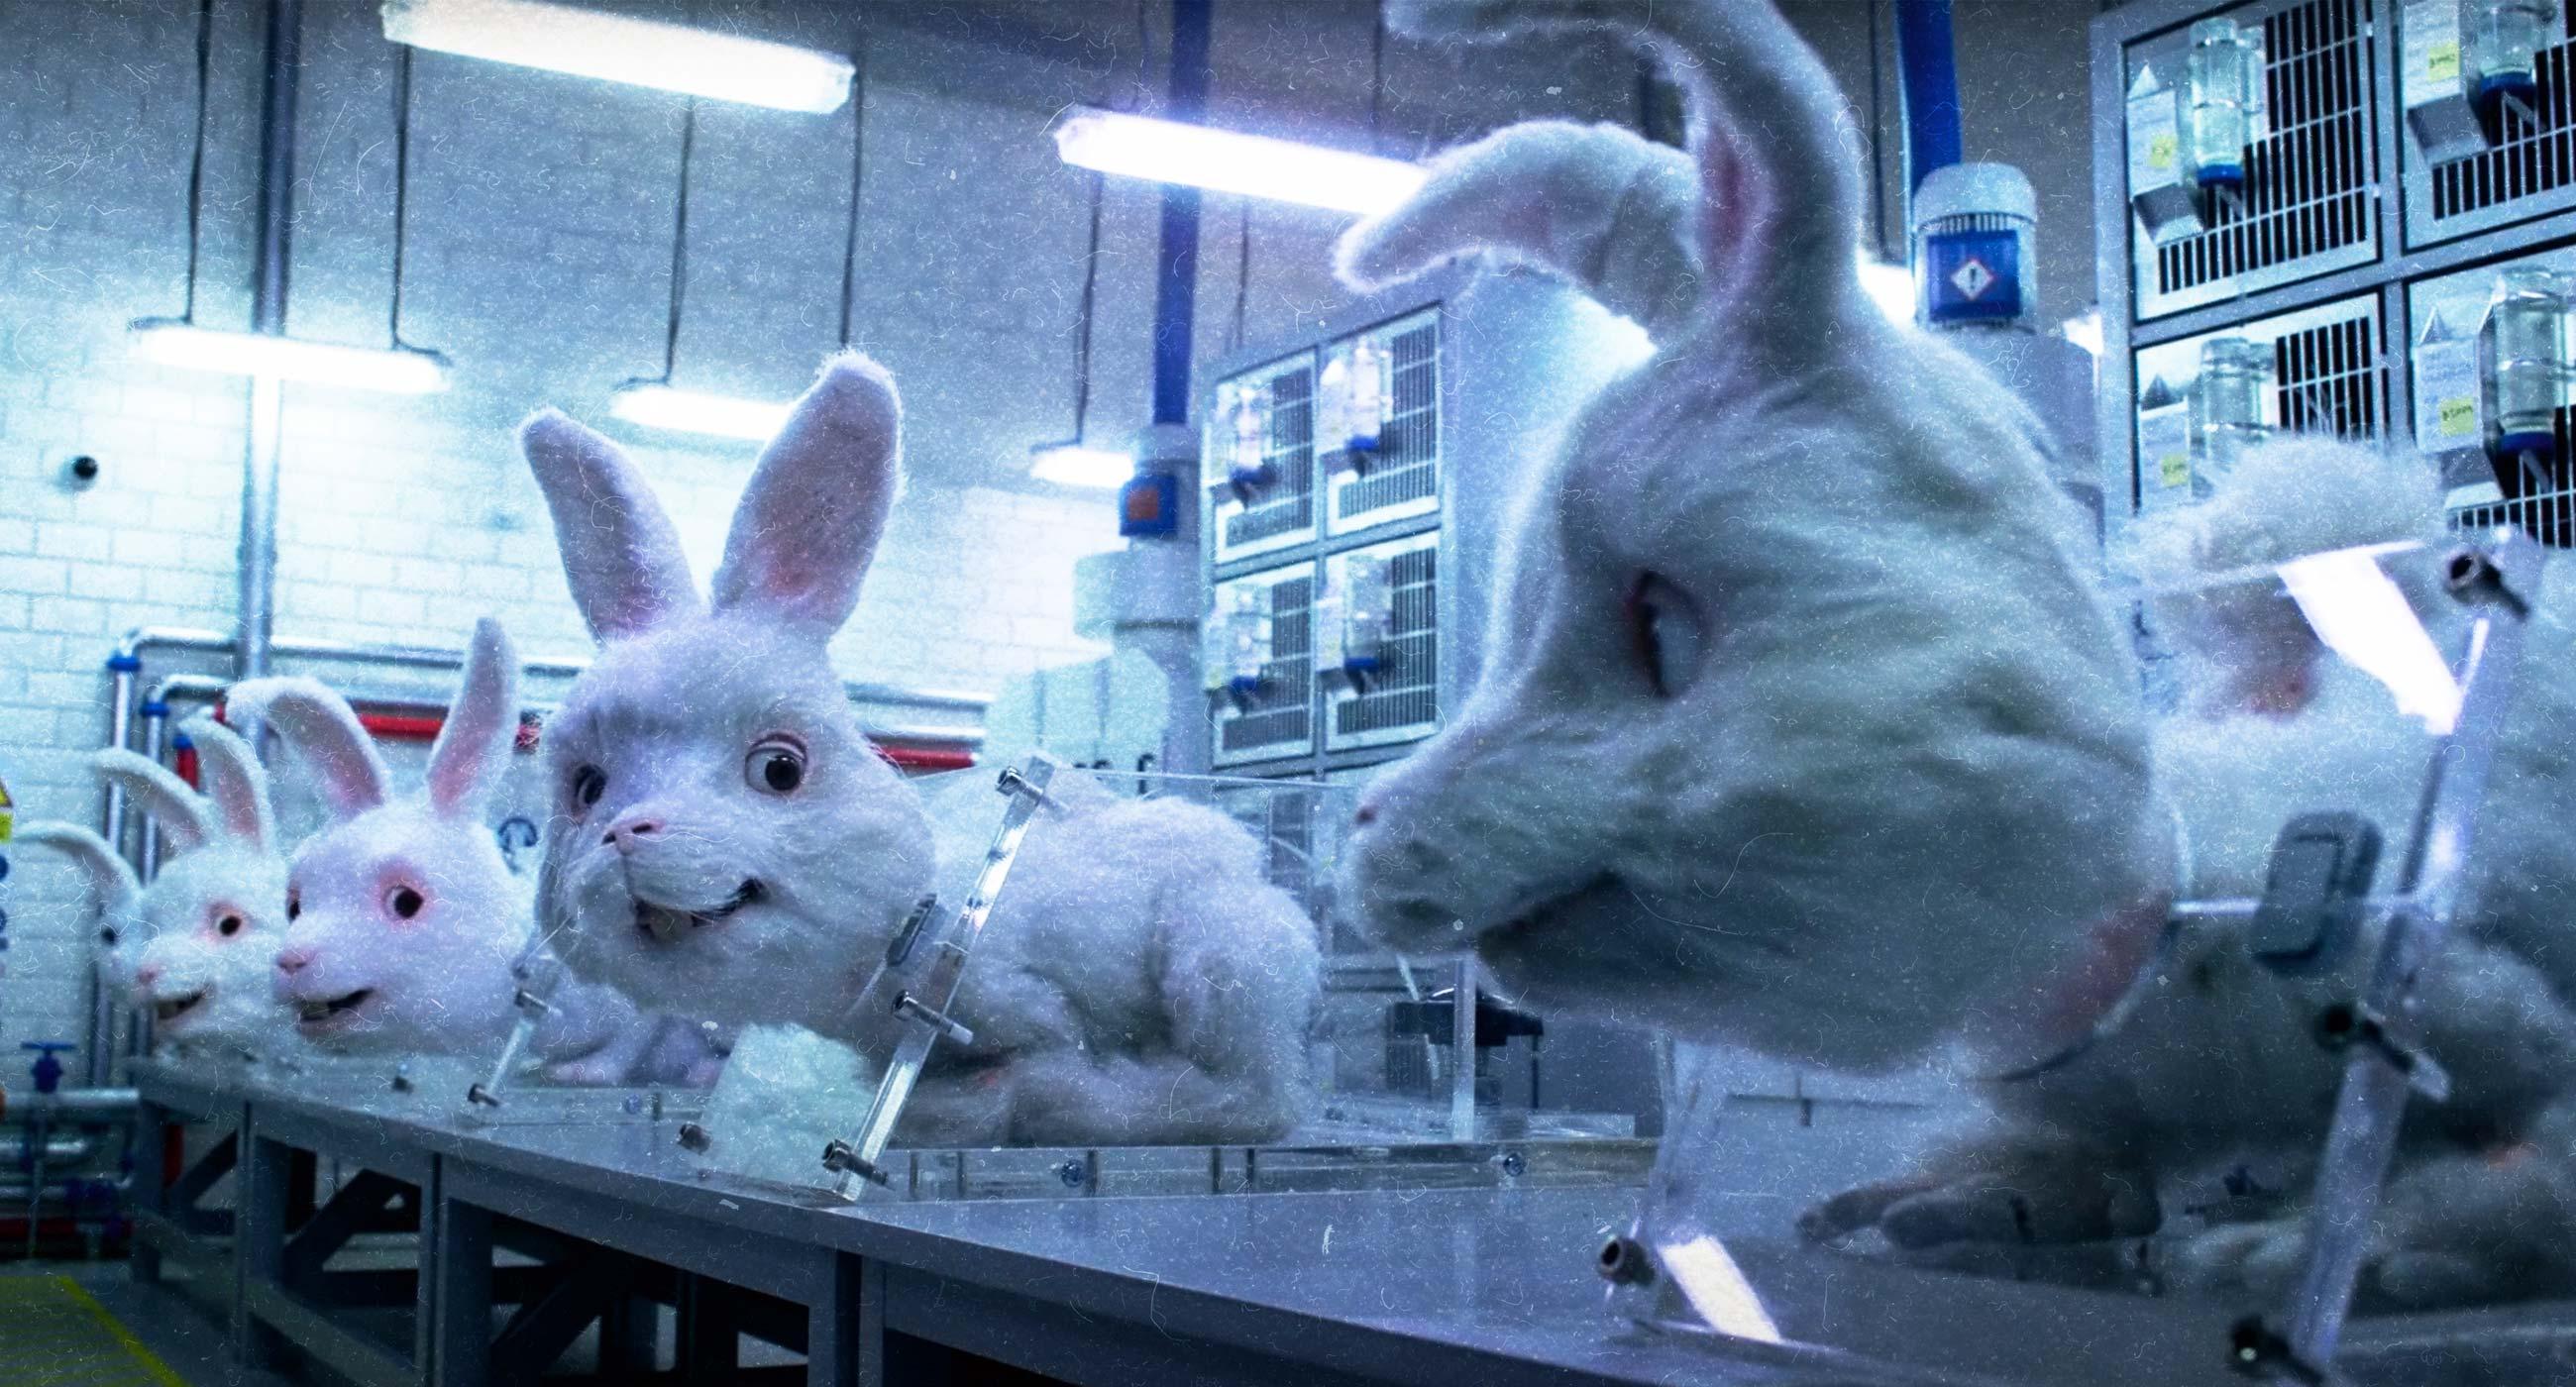 Врятувати кролика Ральфа: що таке cruelty-free, як відбувається тестування на тваринах та як визначити етичну косметику?